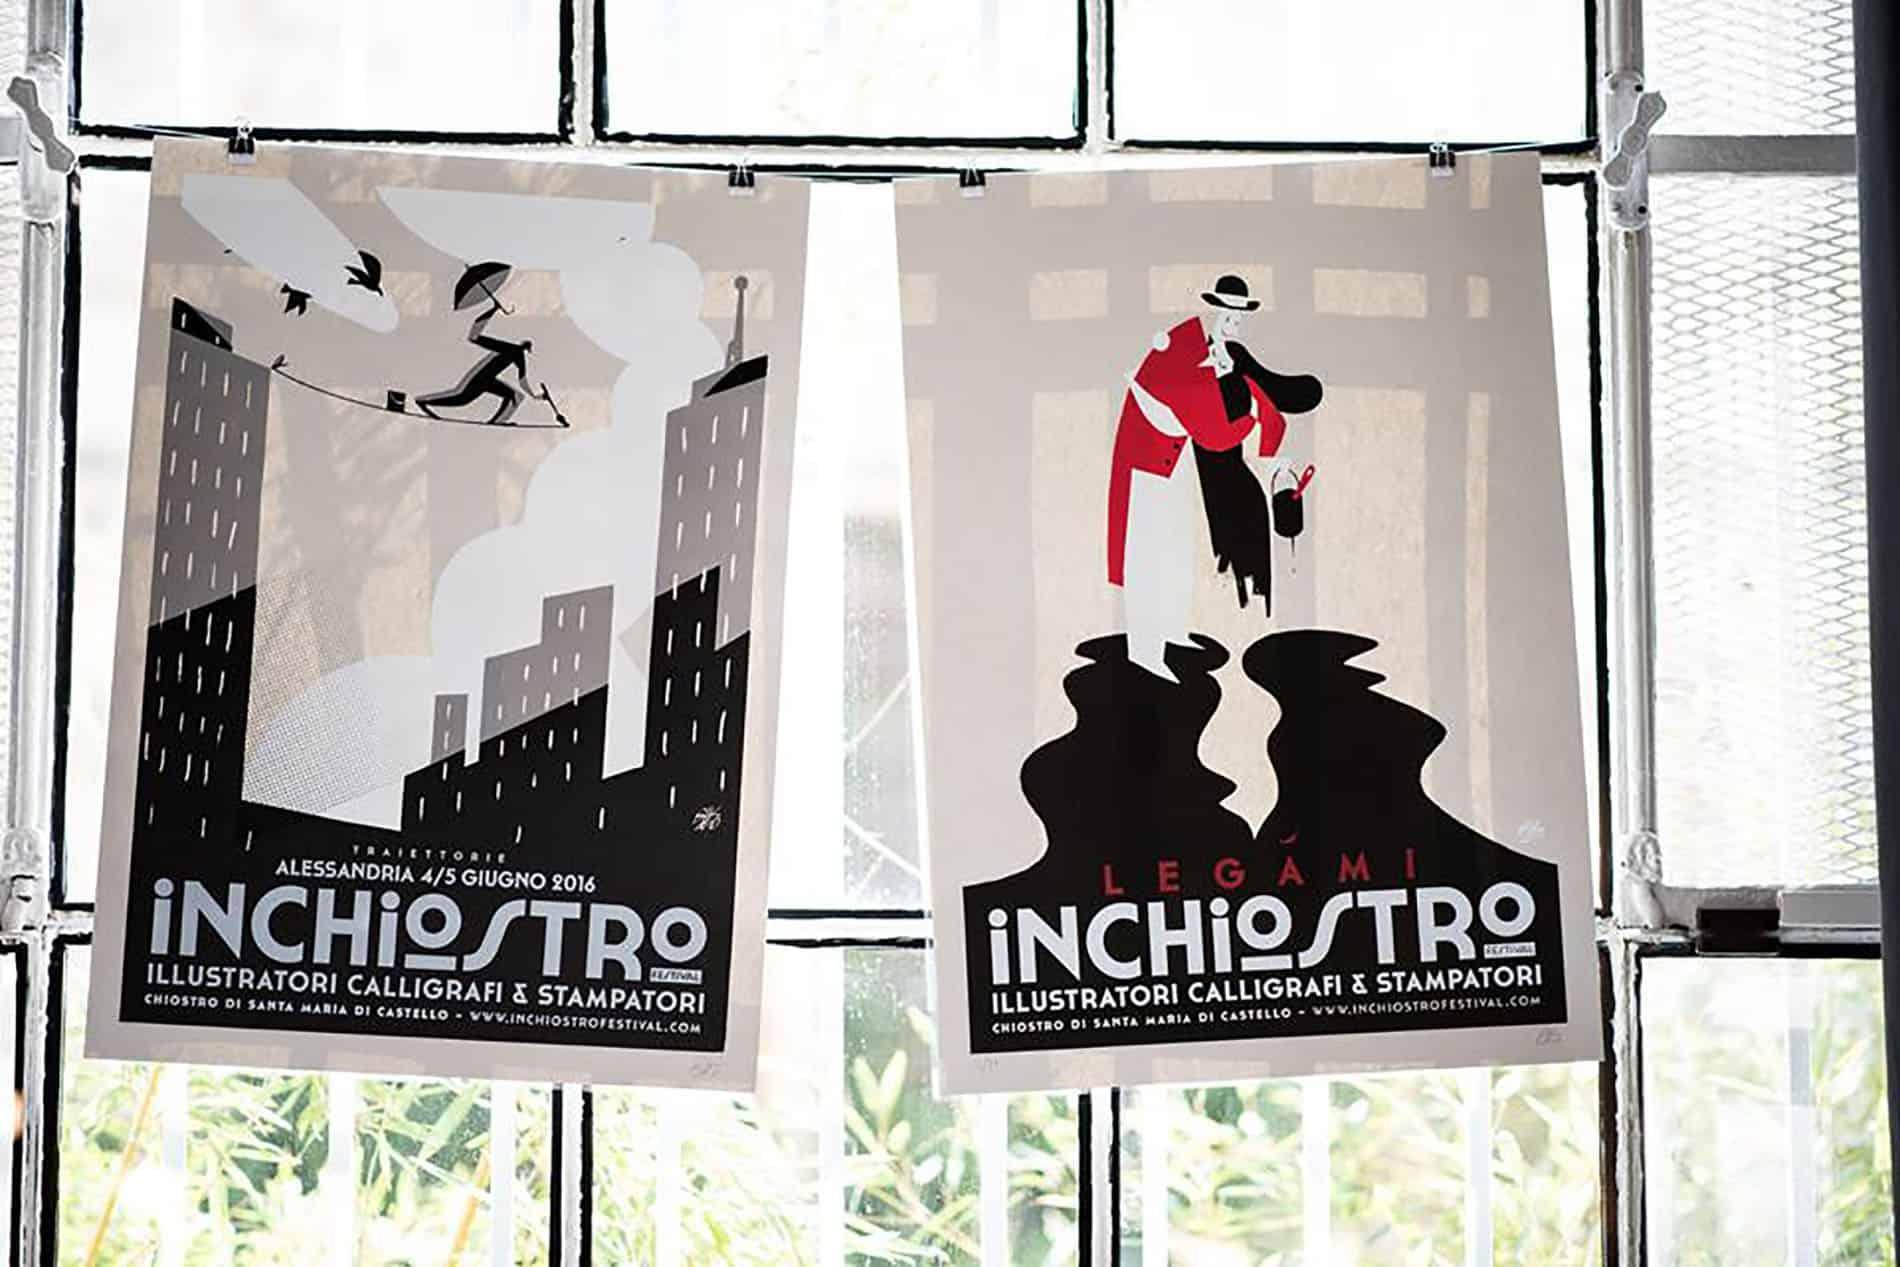 Inchiostro festival d'illustrazione e editoria